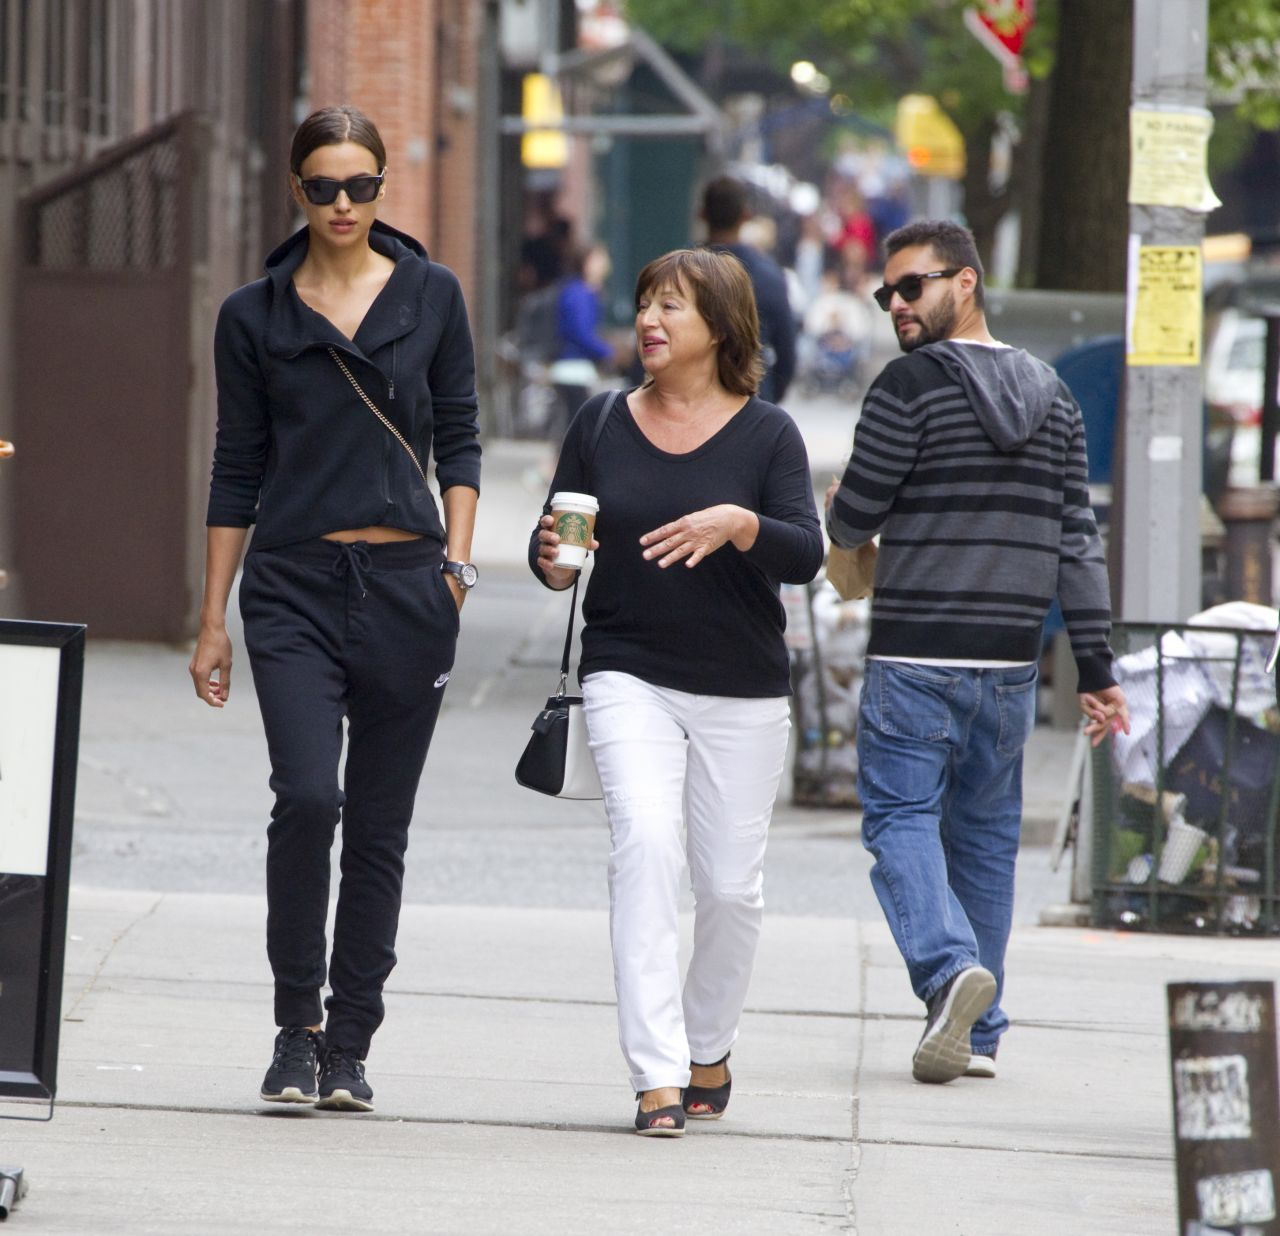 Bradley Cooper et Irina Shayk de retour ensemble: la rumeur est-elle vraie?  Chronologie et histoire des relations